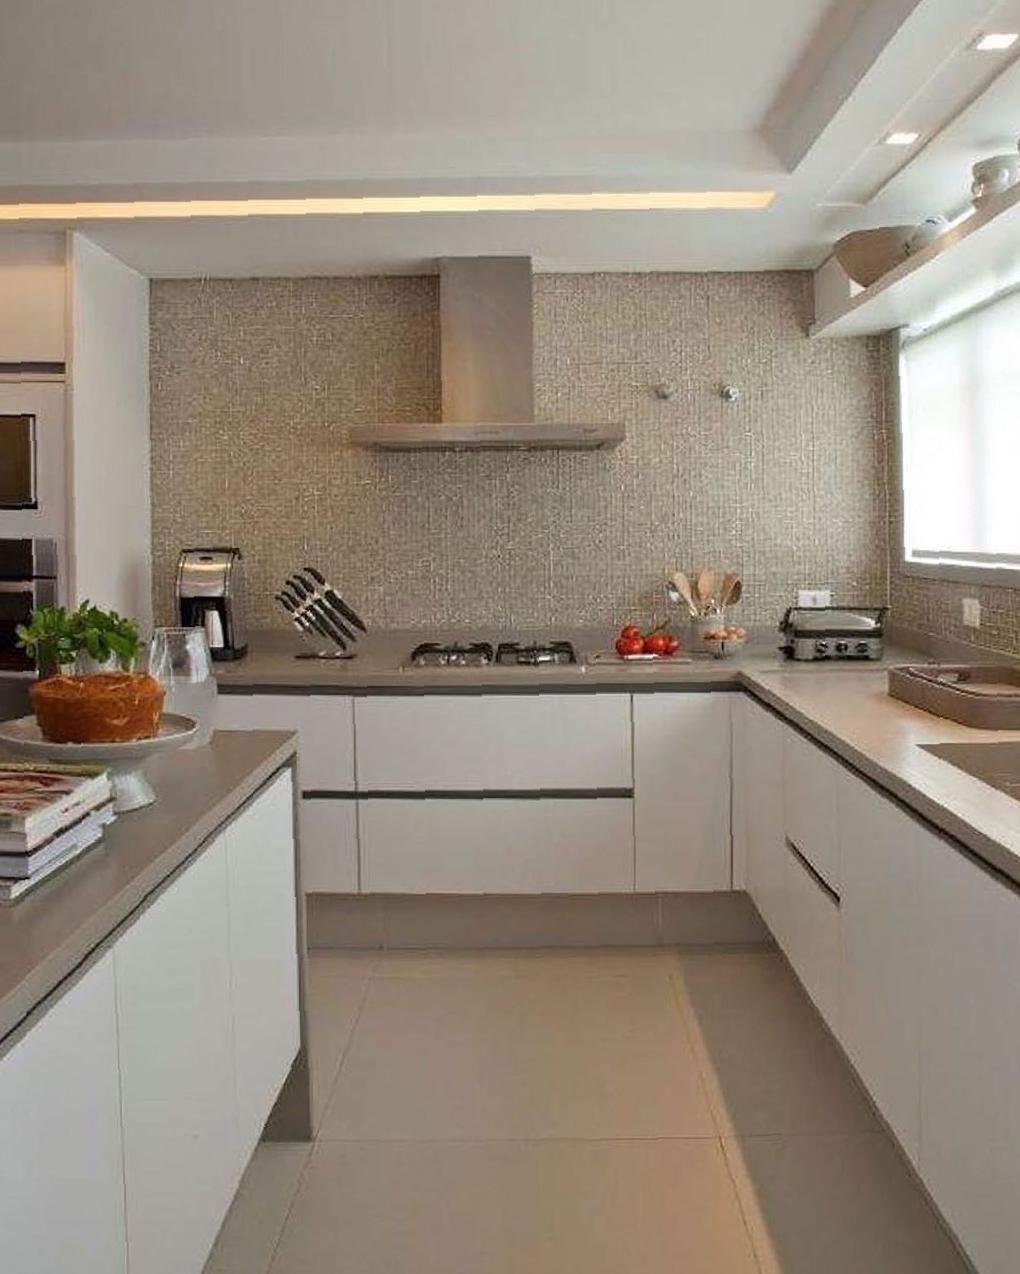 Kitchen Designs that Make Your House Comfortable and Convenient kitchen, kitchen design, kitchen inspiration, kitchen decor, kitchen pictures, kitchen layout